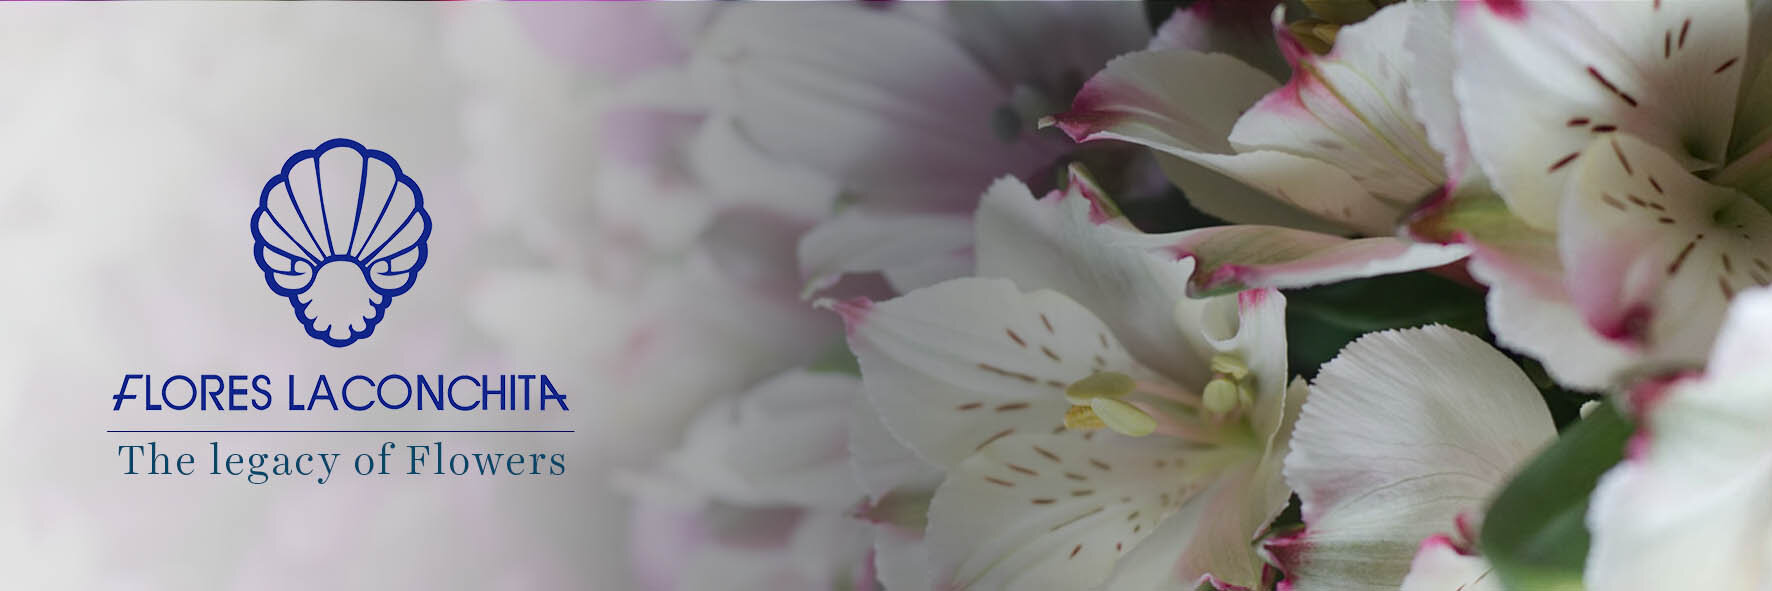 Flores la Conchita